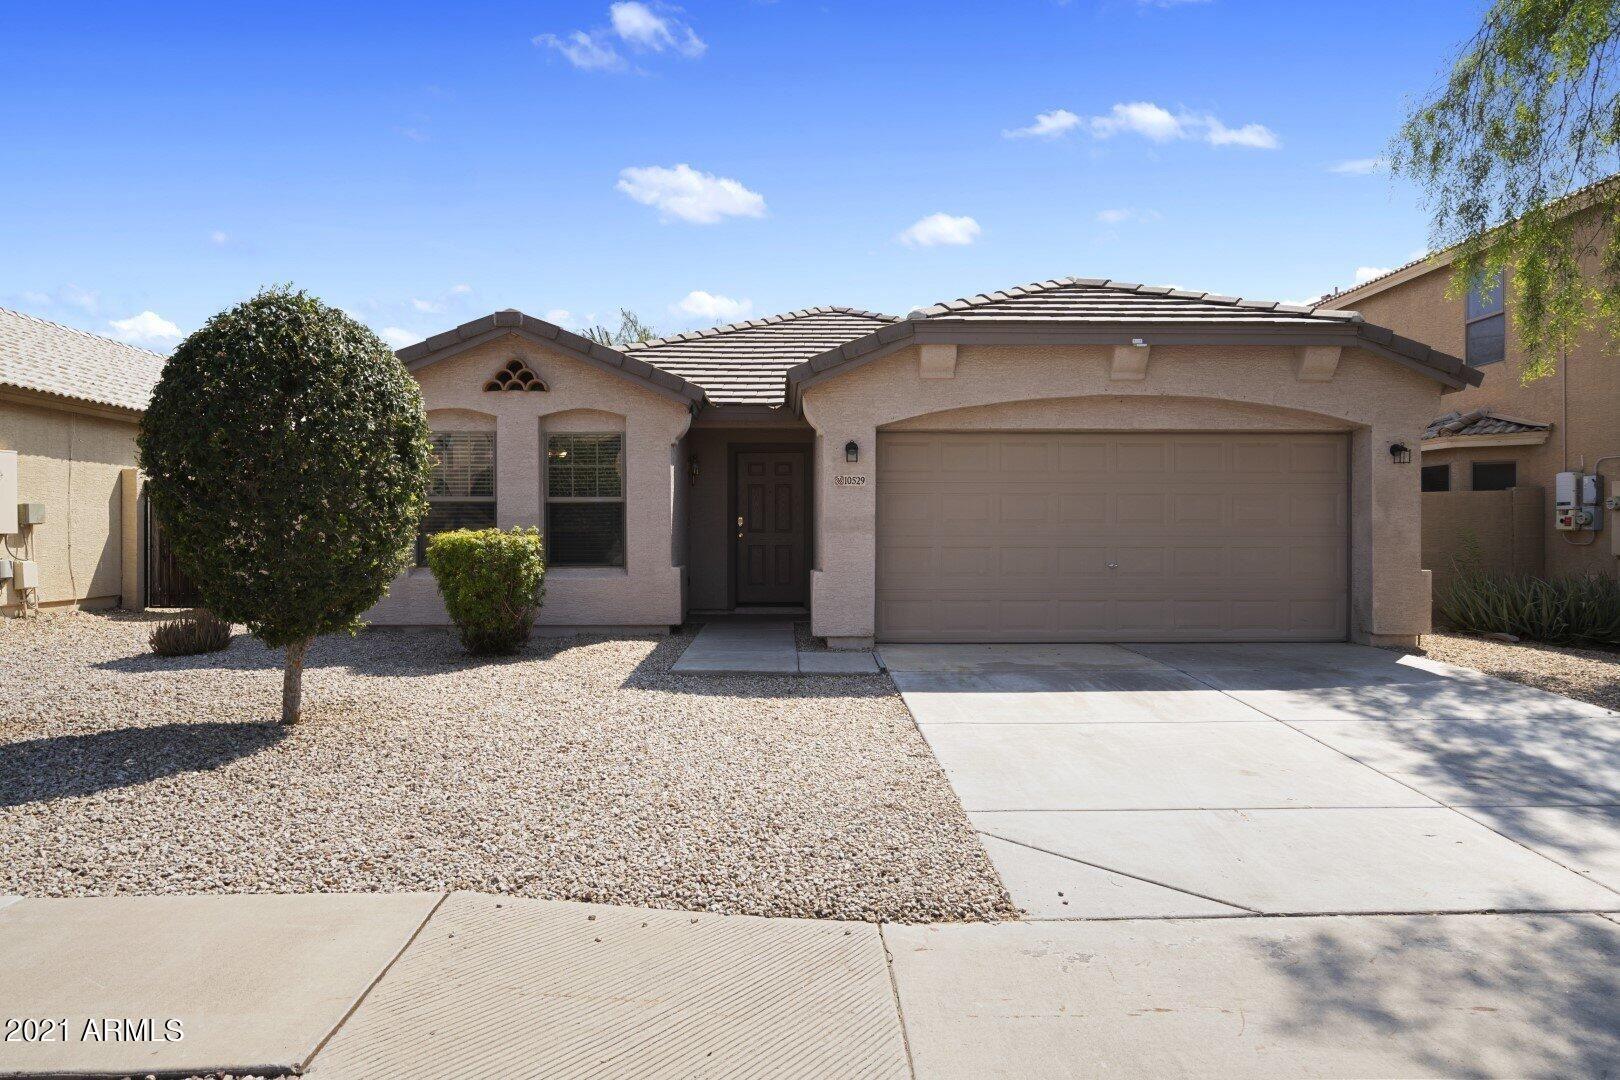 Photo of 10529 W LA REATA Avenue, Avondale, AZ 85392 (MLS # 6295829)